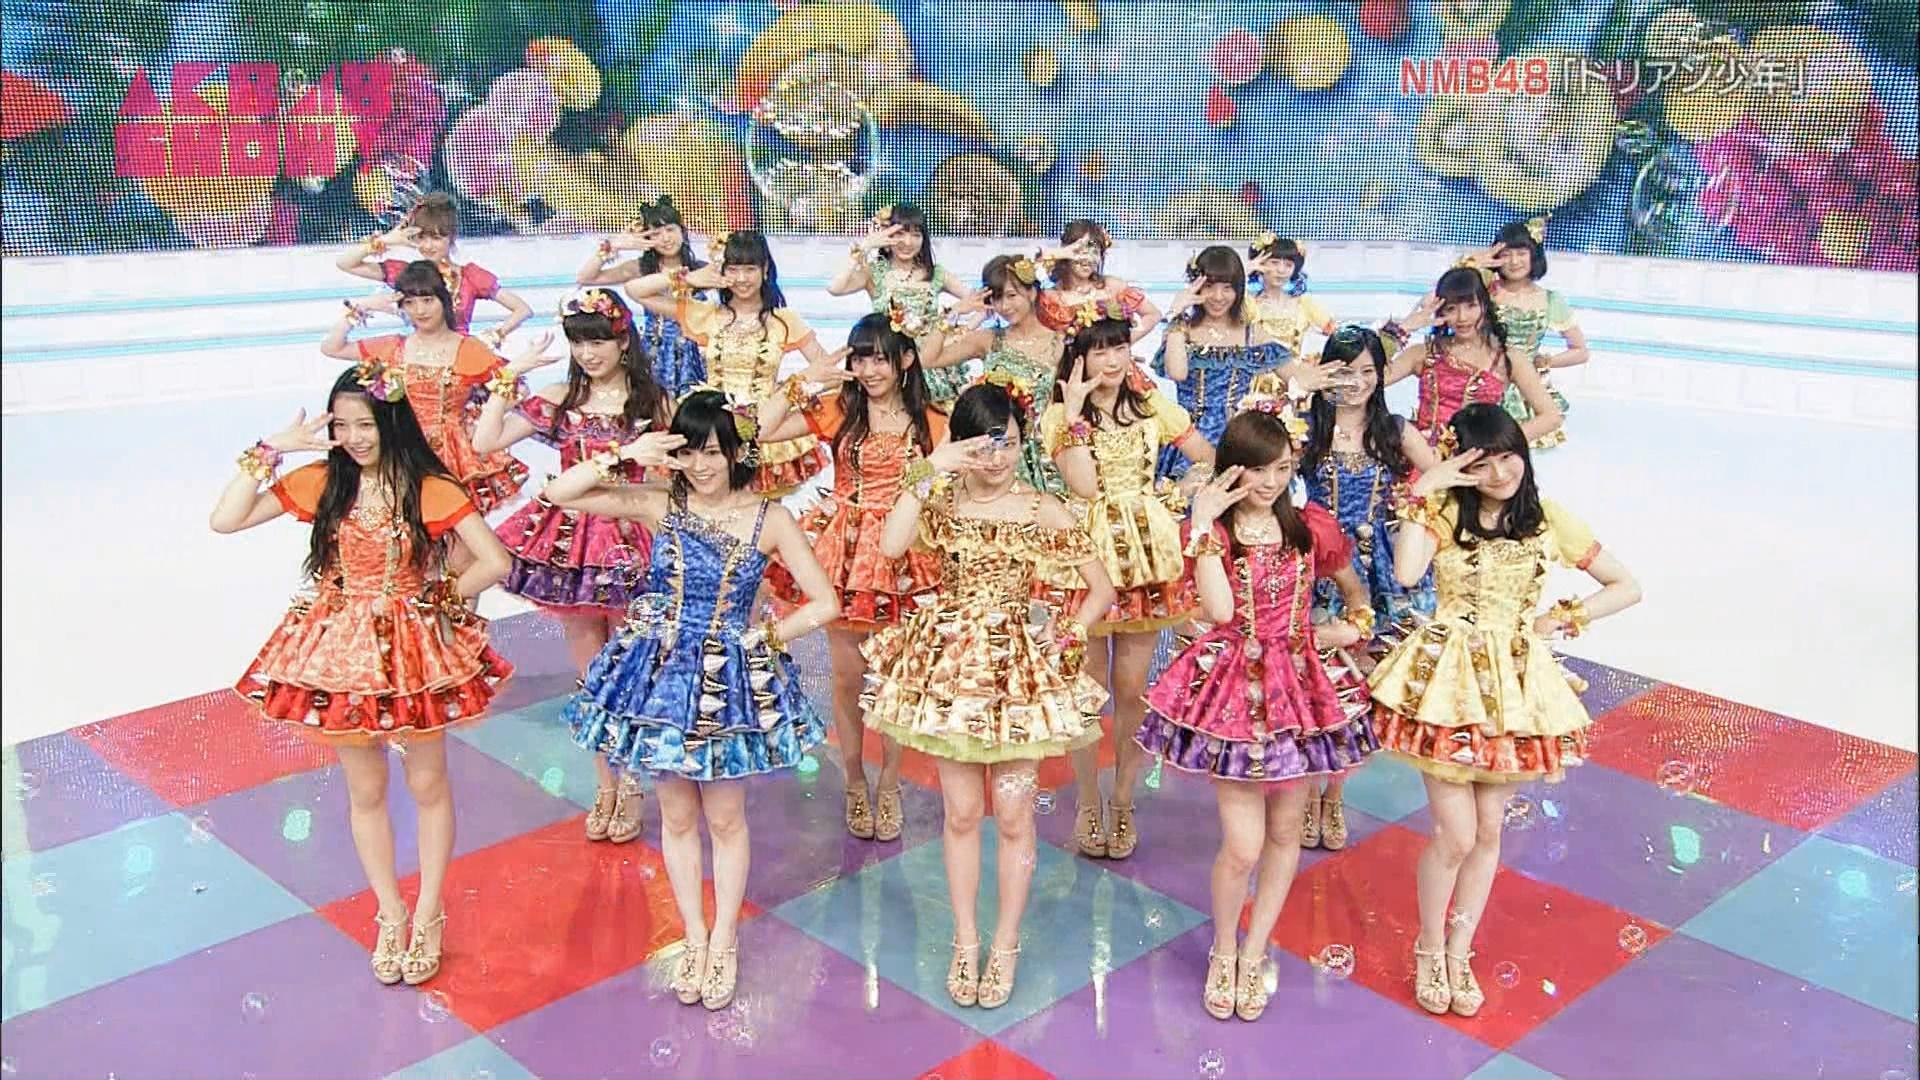 矢倉楓子 NMB48ドリアン少年 AKB48SHOW20150613 (12)